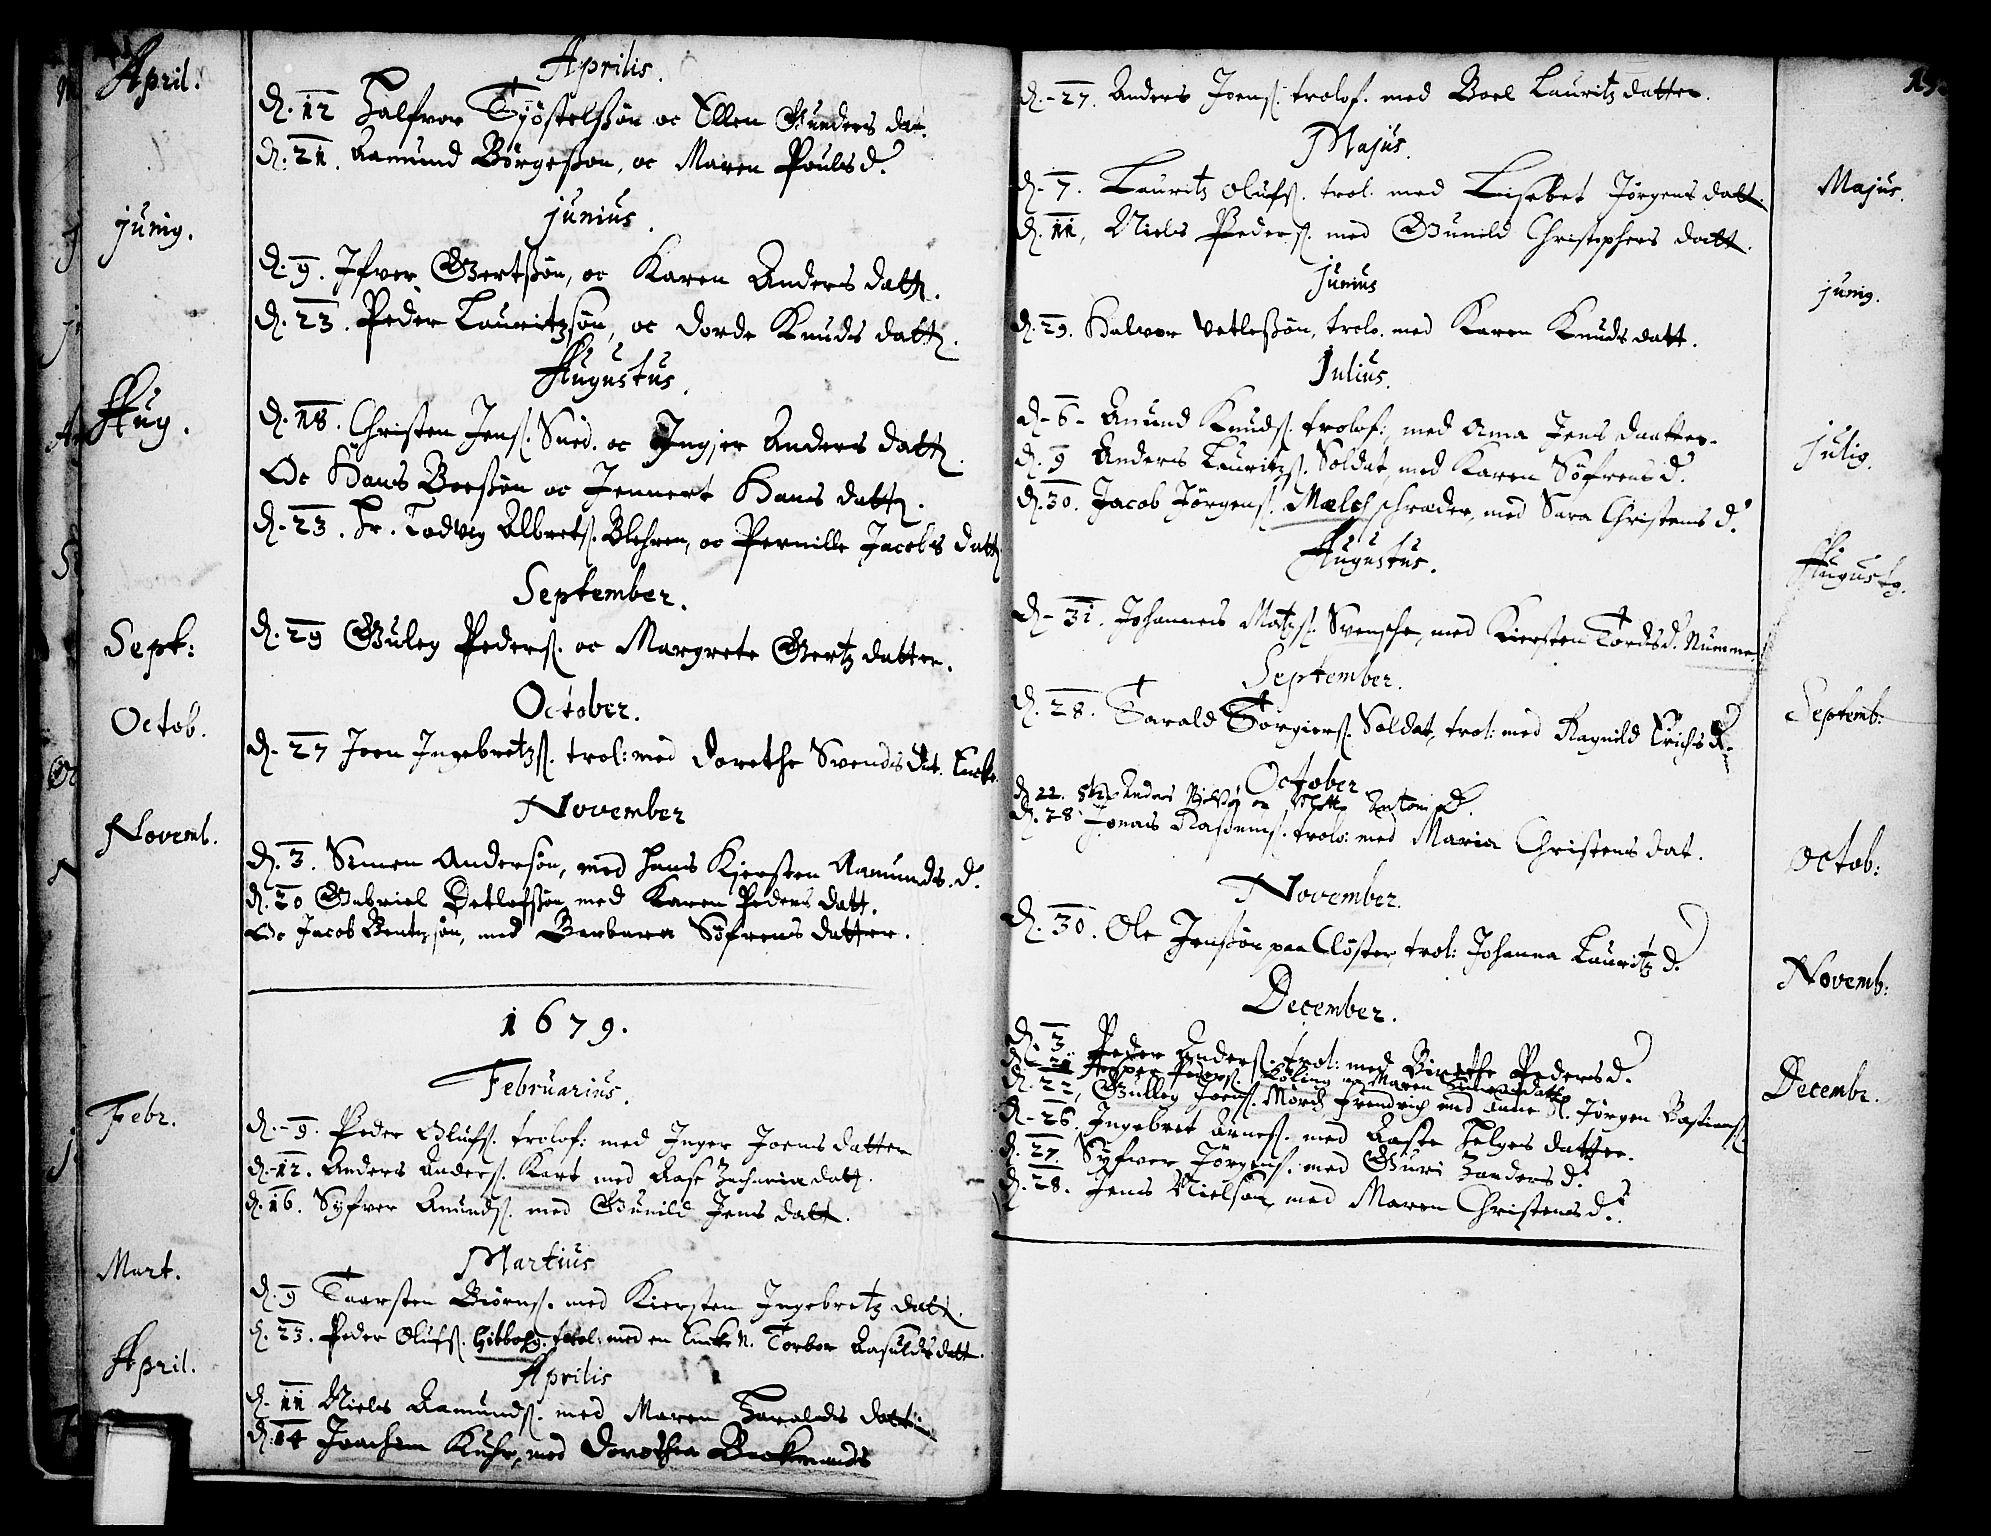 SAKO, Skien kirkebøker, F/Fa/L0001: Ministerialbok nr. 1, 1659-1679, s. 15